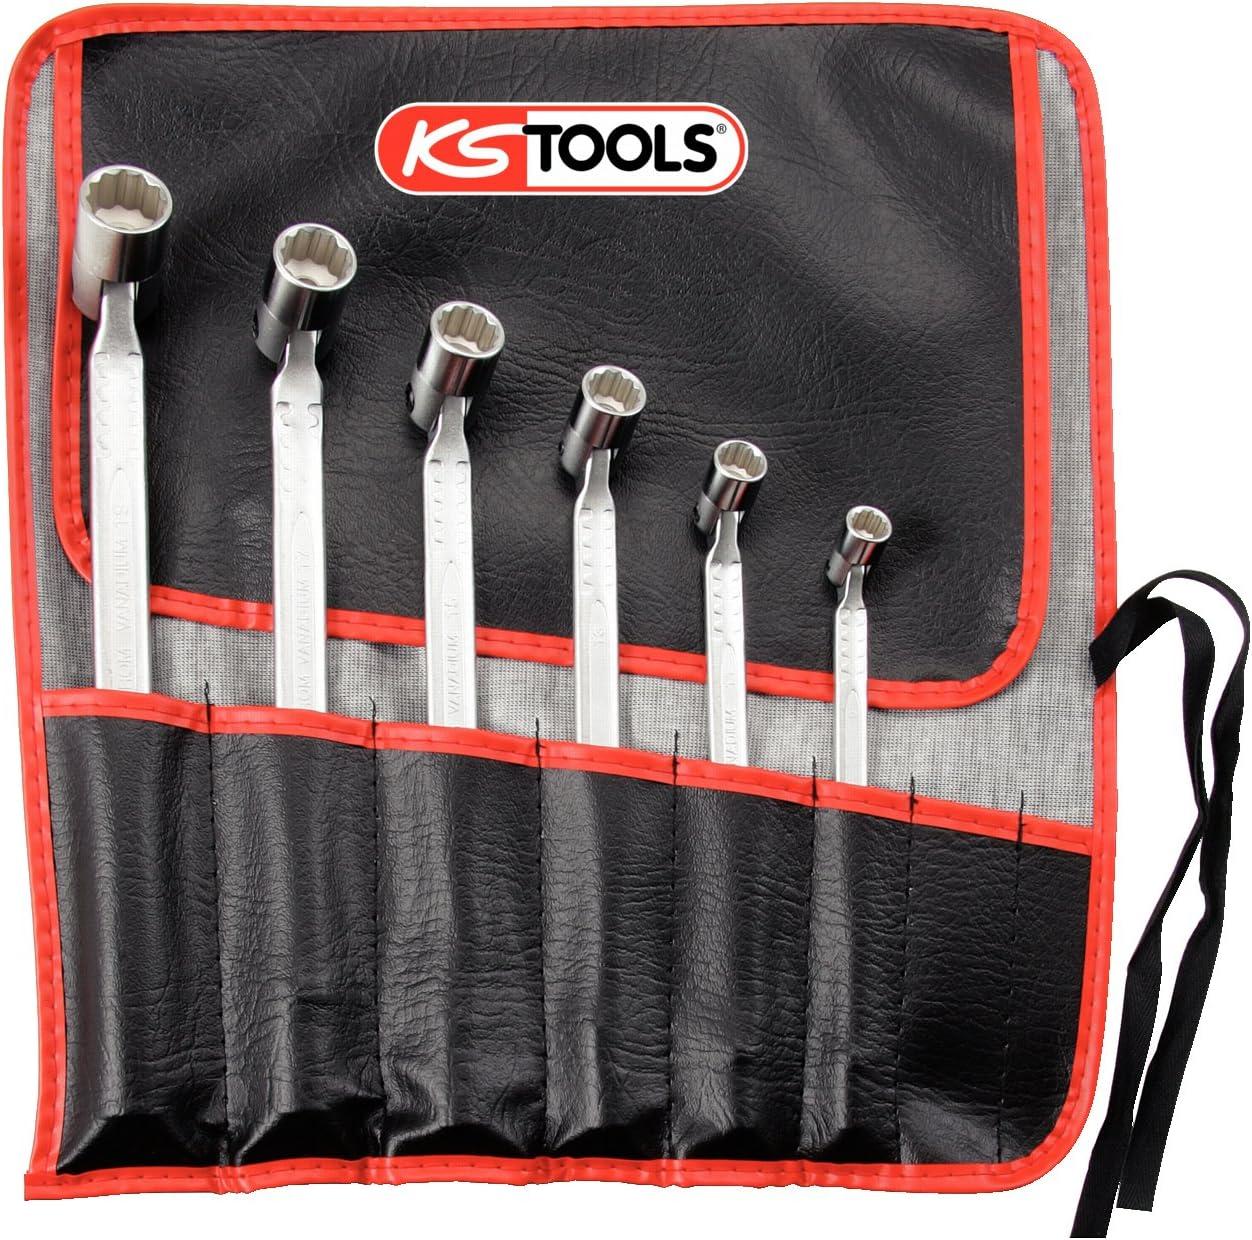 KS Tools 517.0310 Pack Llaves articuladas Dobles, en Bolsa Enrollable, Gran Radio de rotación (tamaño: 8x9-18x19 mm), Set de 6 Piezas